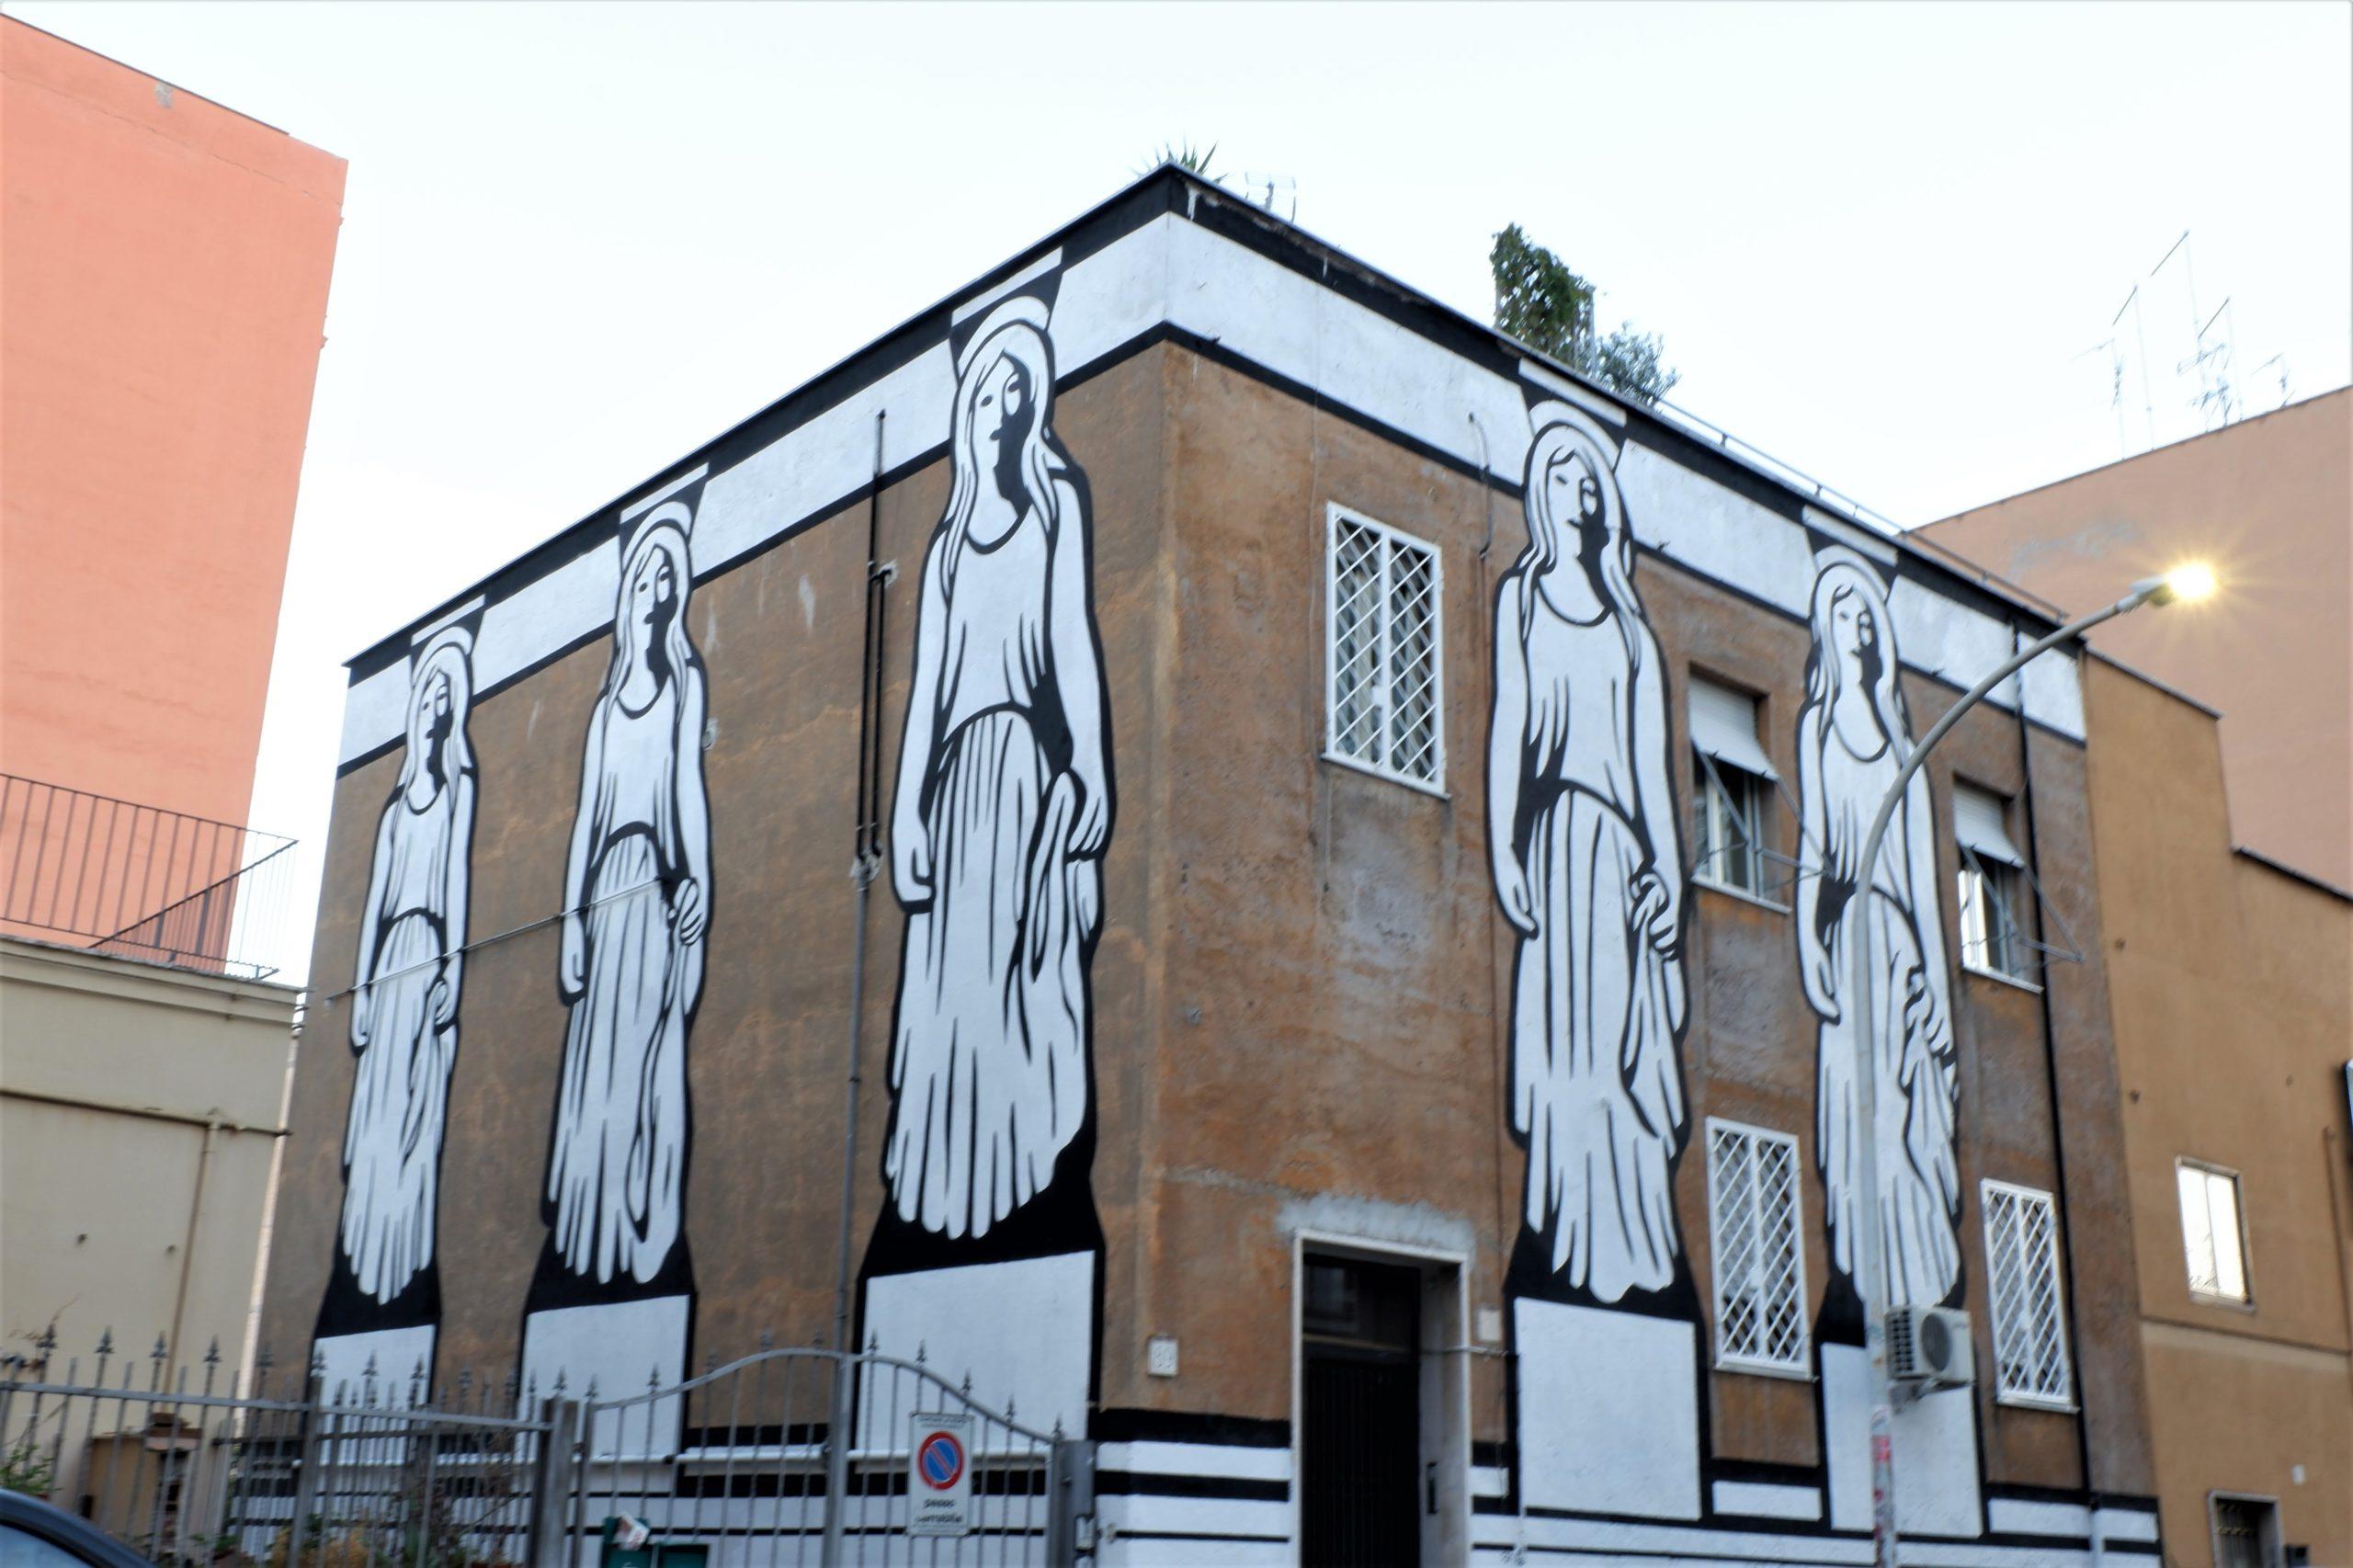 mp5 murales tor pignattara